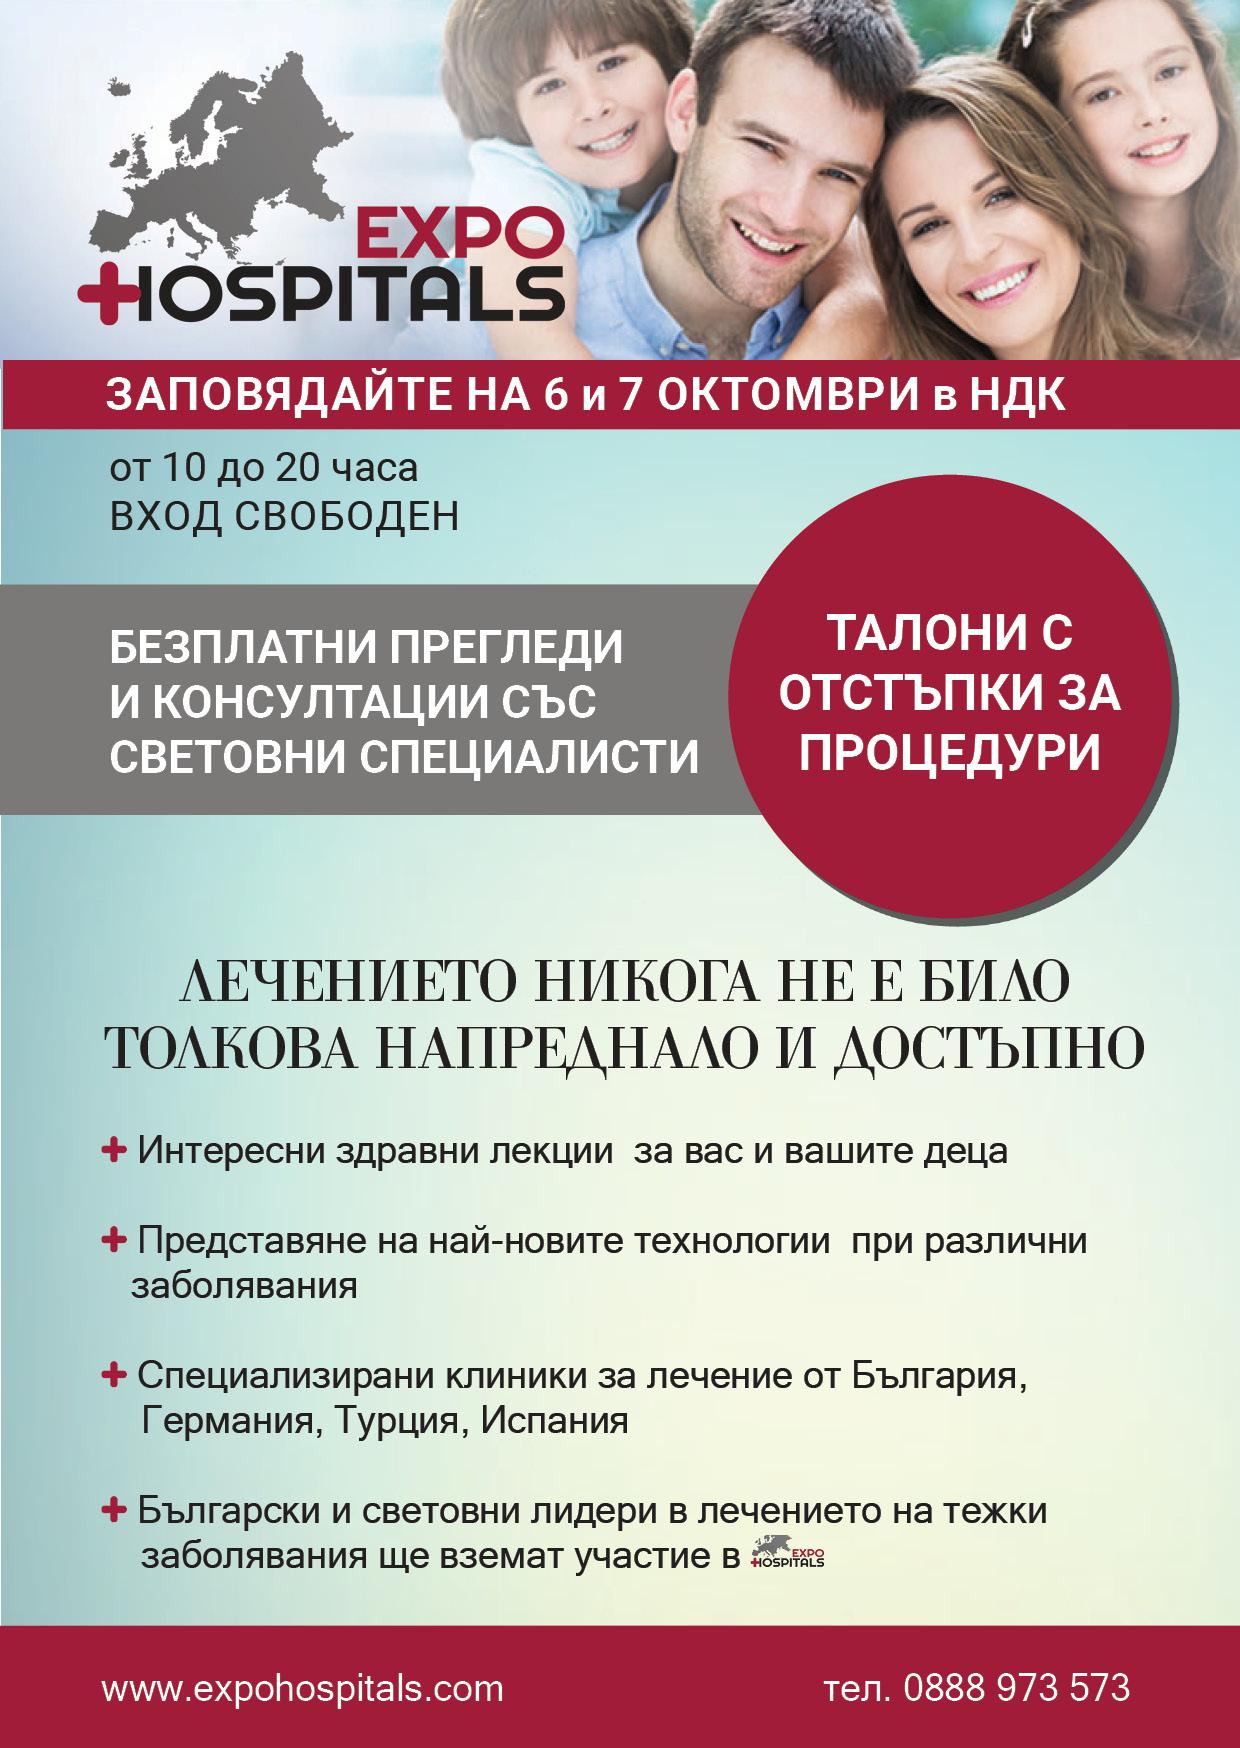 Expo Hospitals